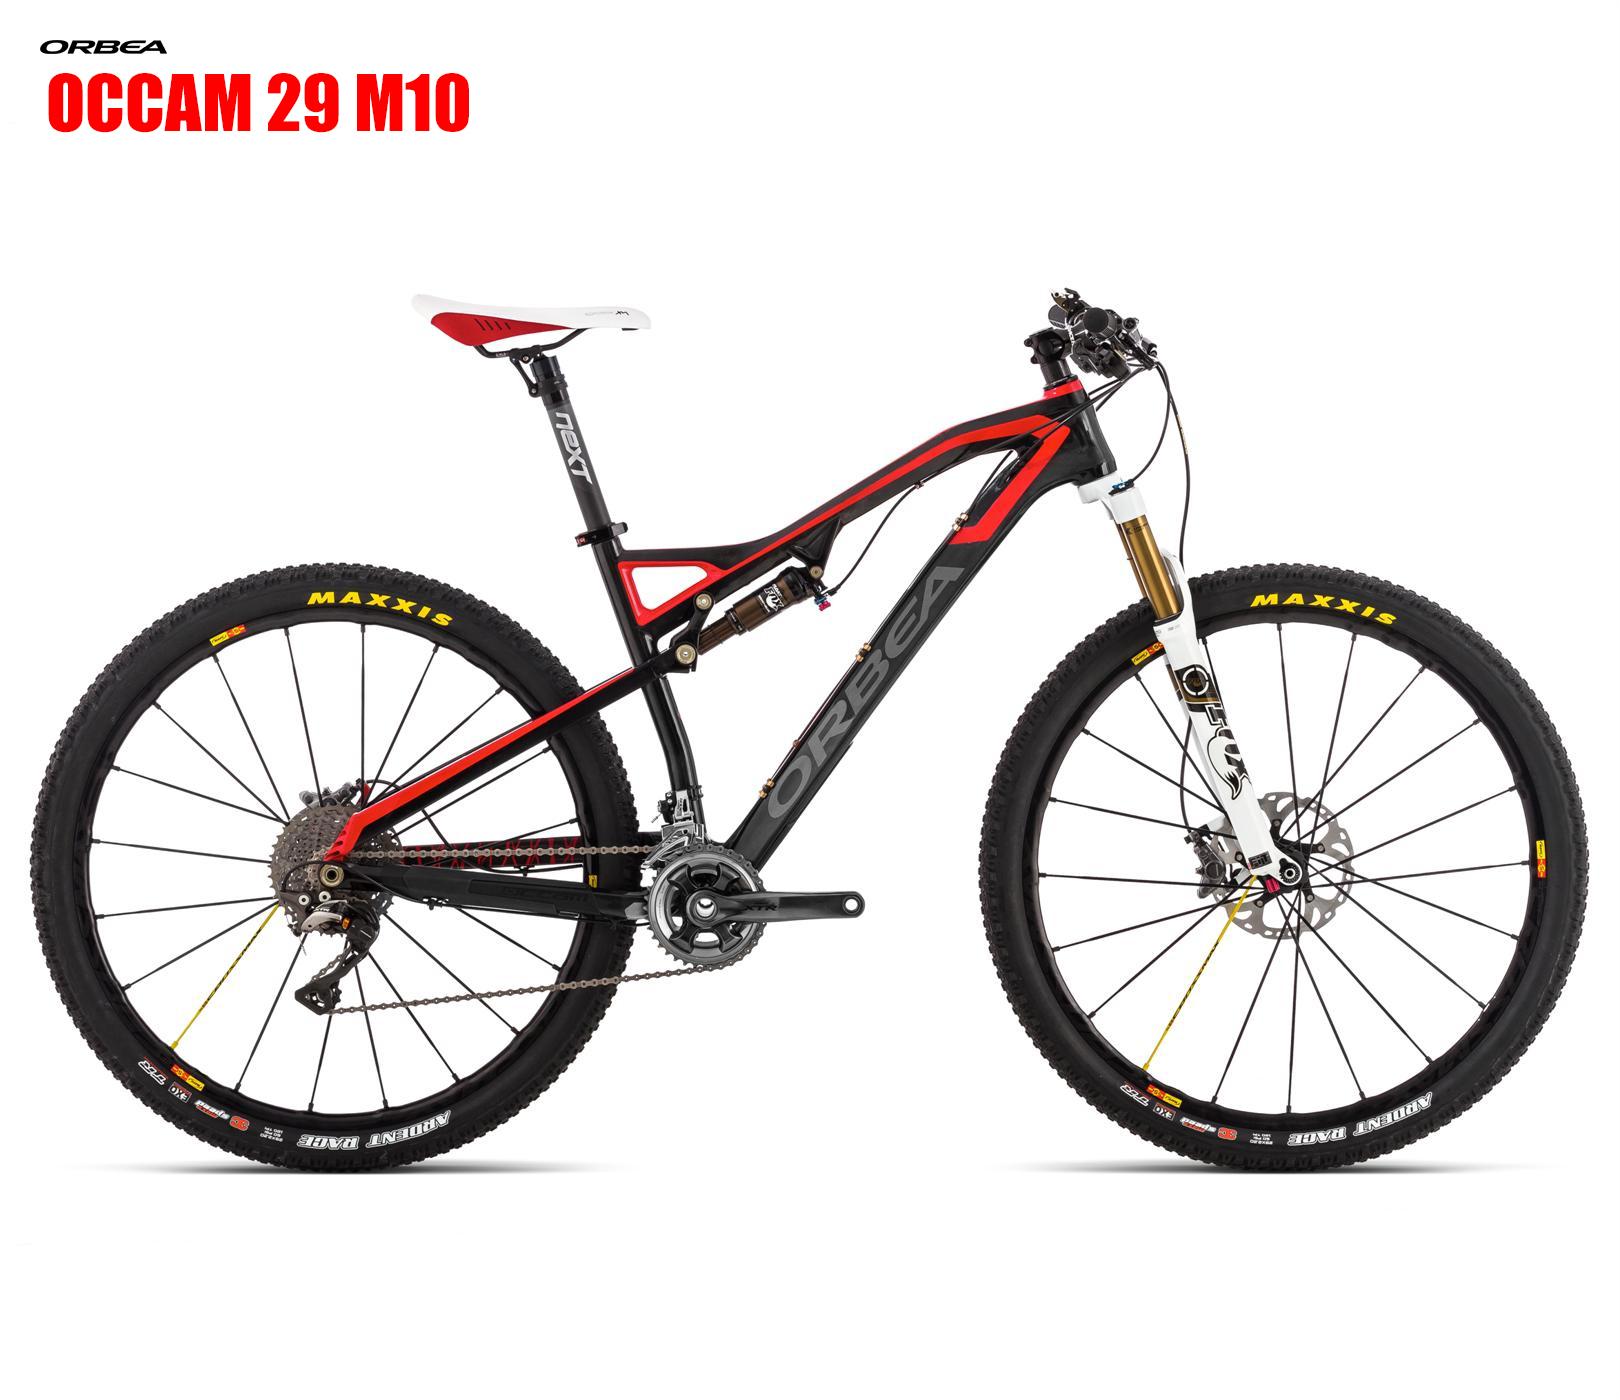 D251TTCC-D6-SIDE-OCCAM 29 M10